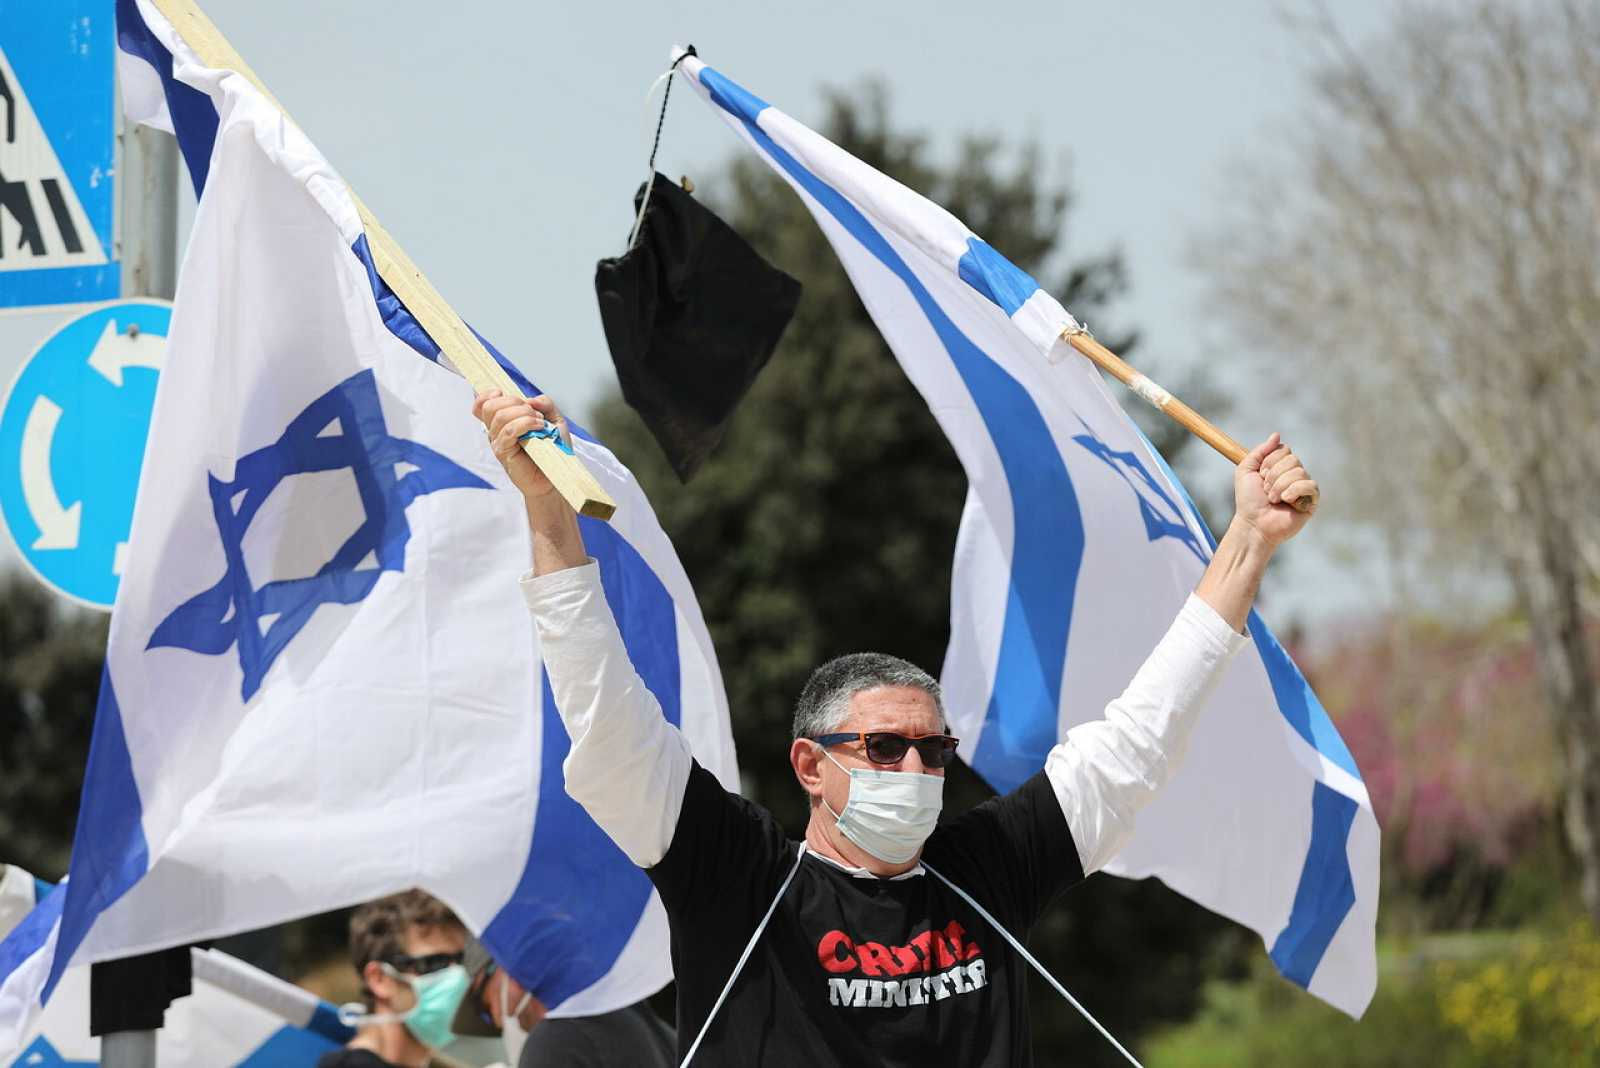 Activistas de la izquierda israelí protestan frente al Knesset en Jerusalén por la paralización política